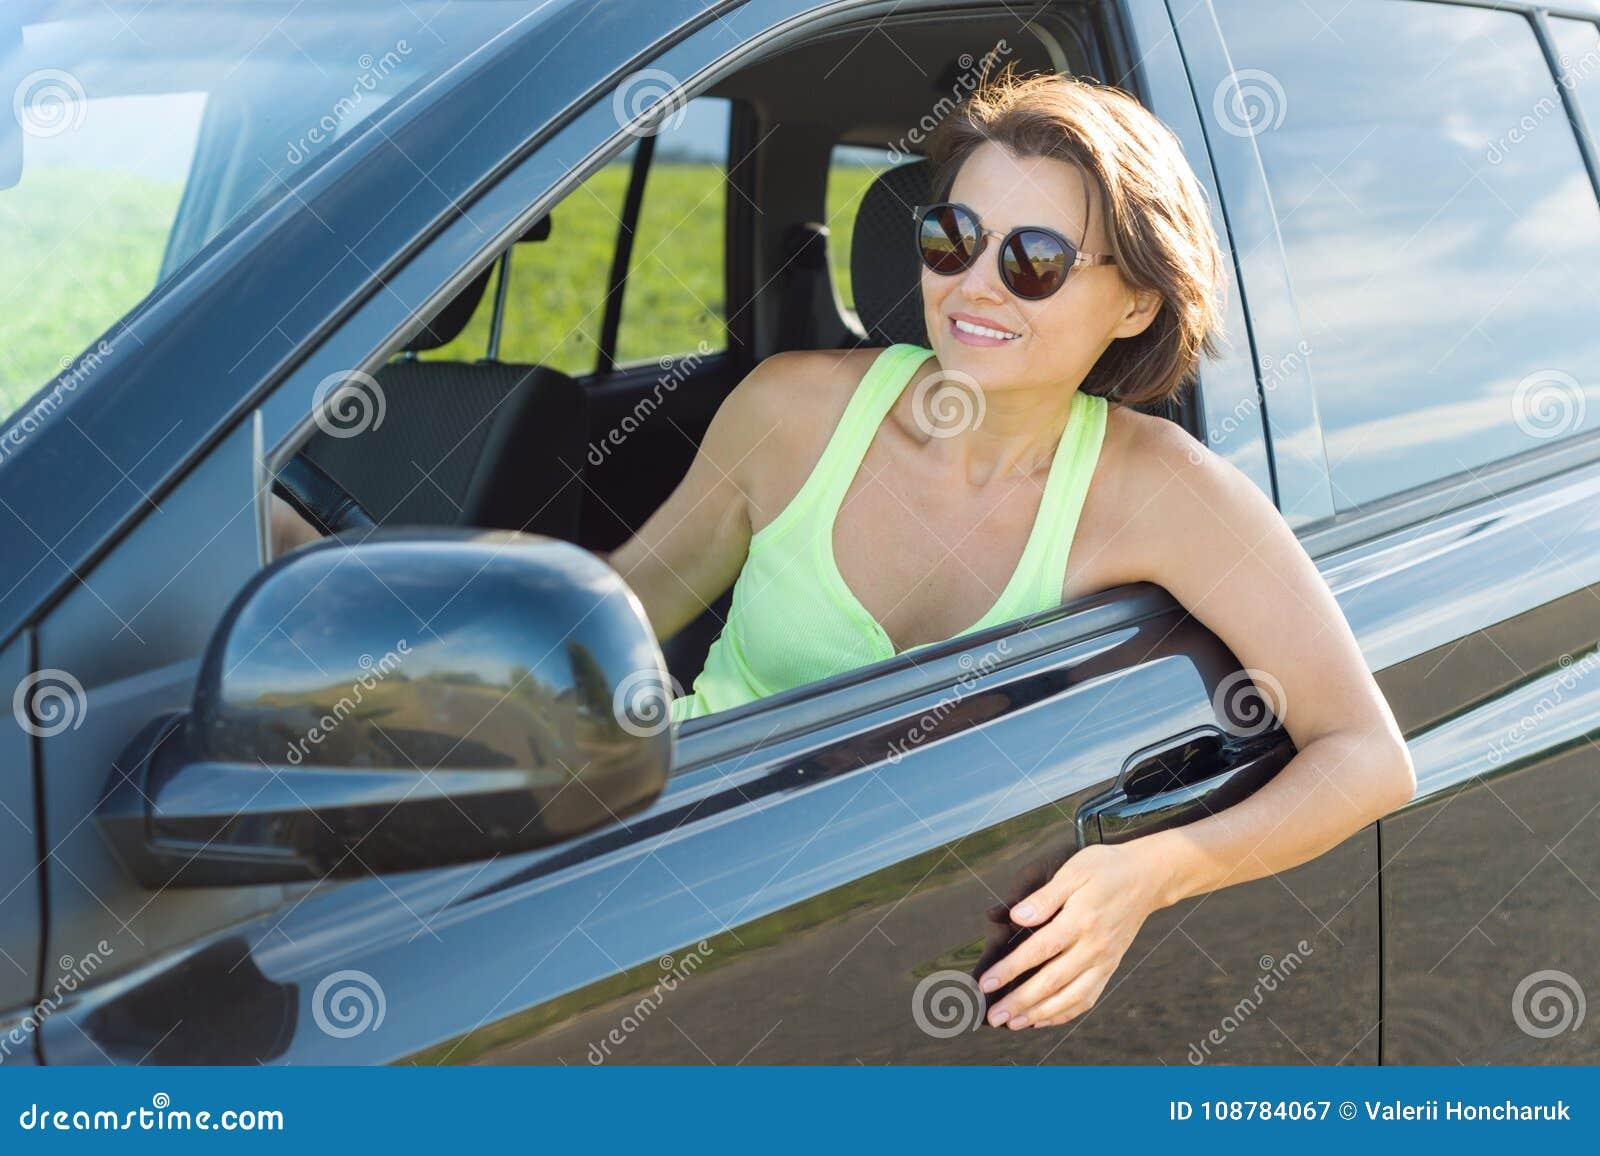 Ενήλικη ελκυστική συνεδρίαση γυναικών στο αυτοκίνητο - θερινό πορτρέτο υπαίθριο